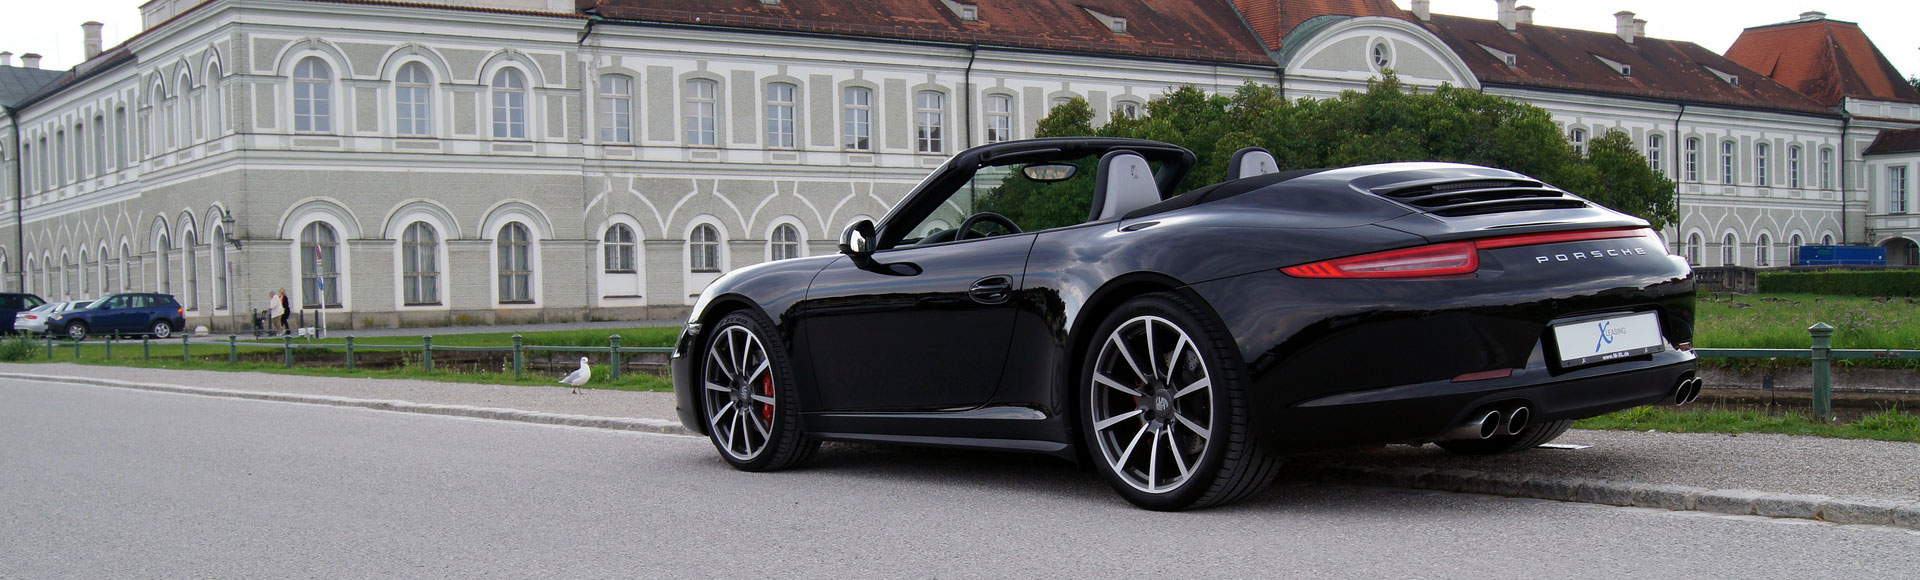 Porsche 991 4S Cabrio 2013 Sommer 9765